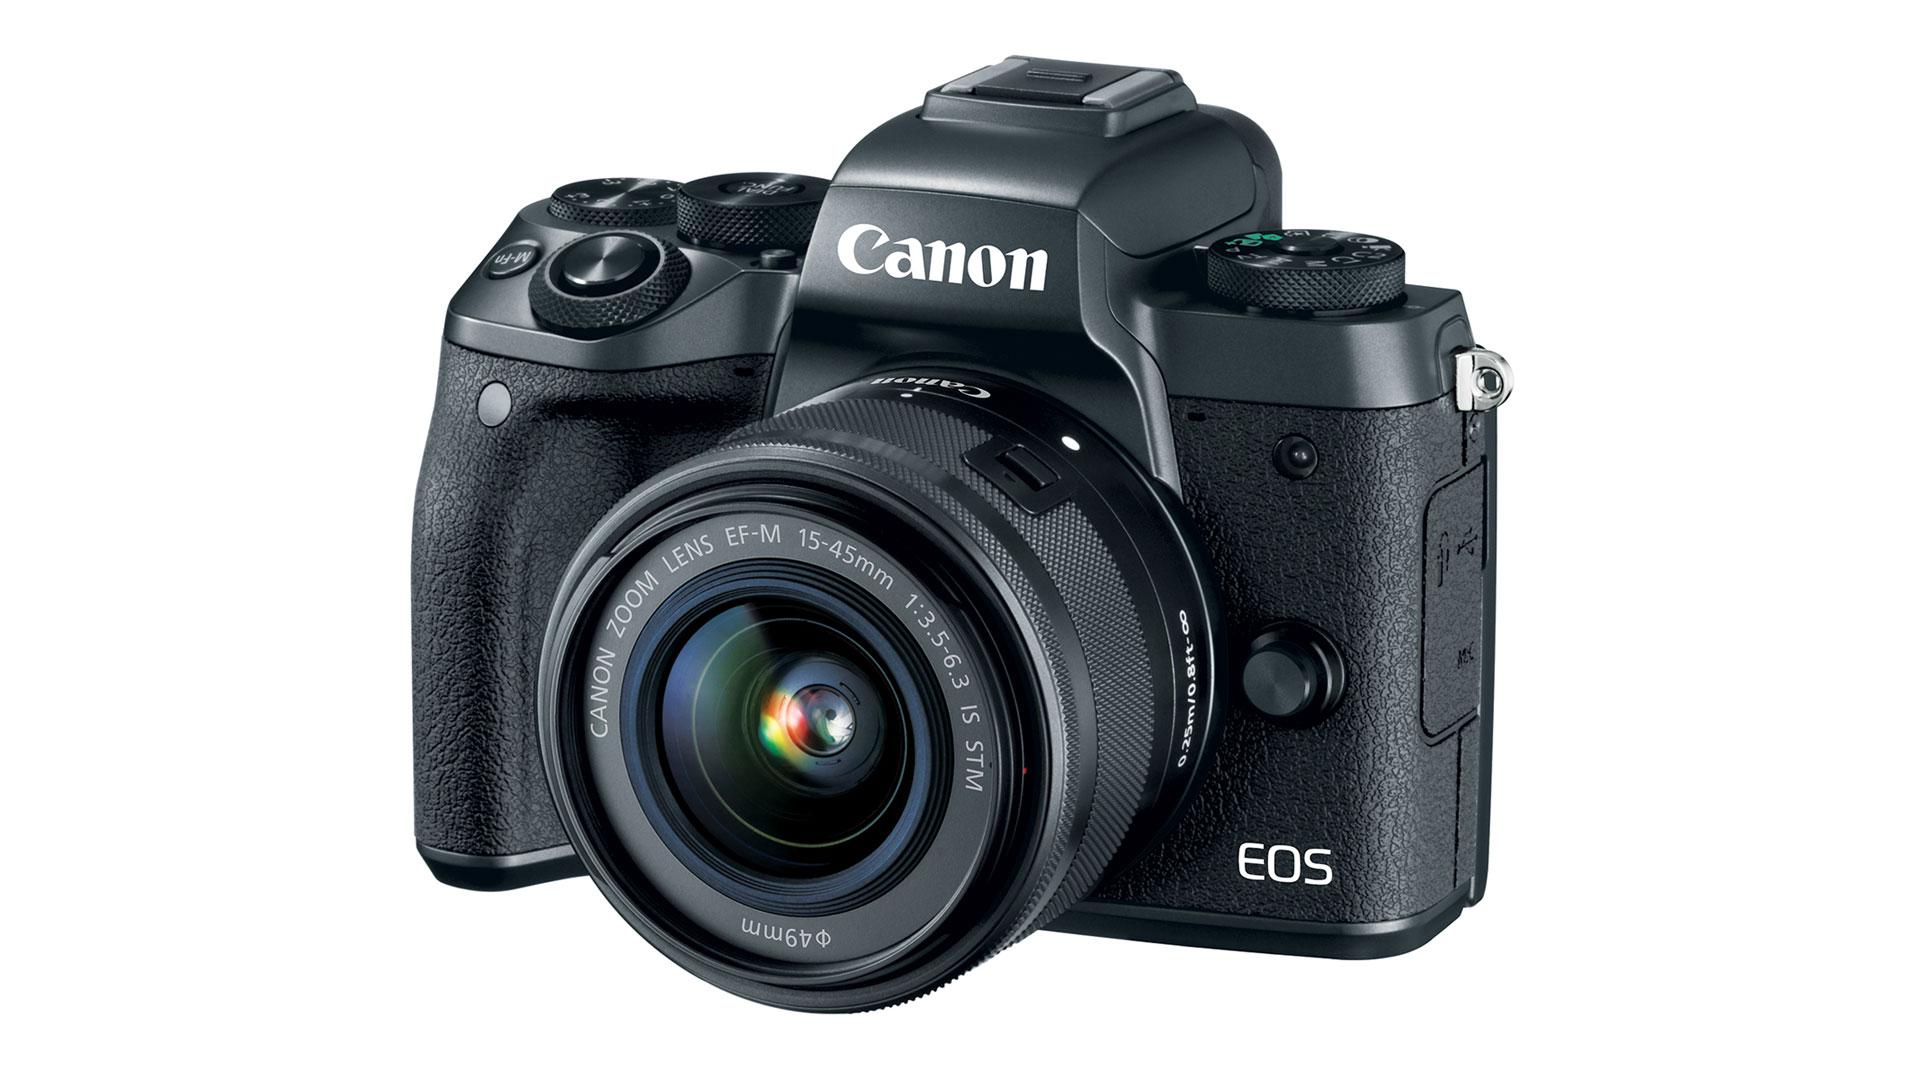 キヤノンが新ミラーレスEOS M5を発表 - HD/60pで撮影可能